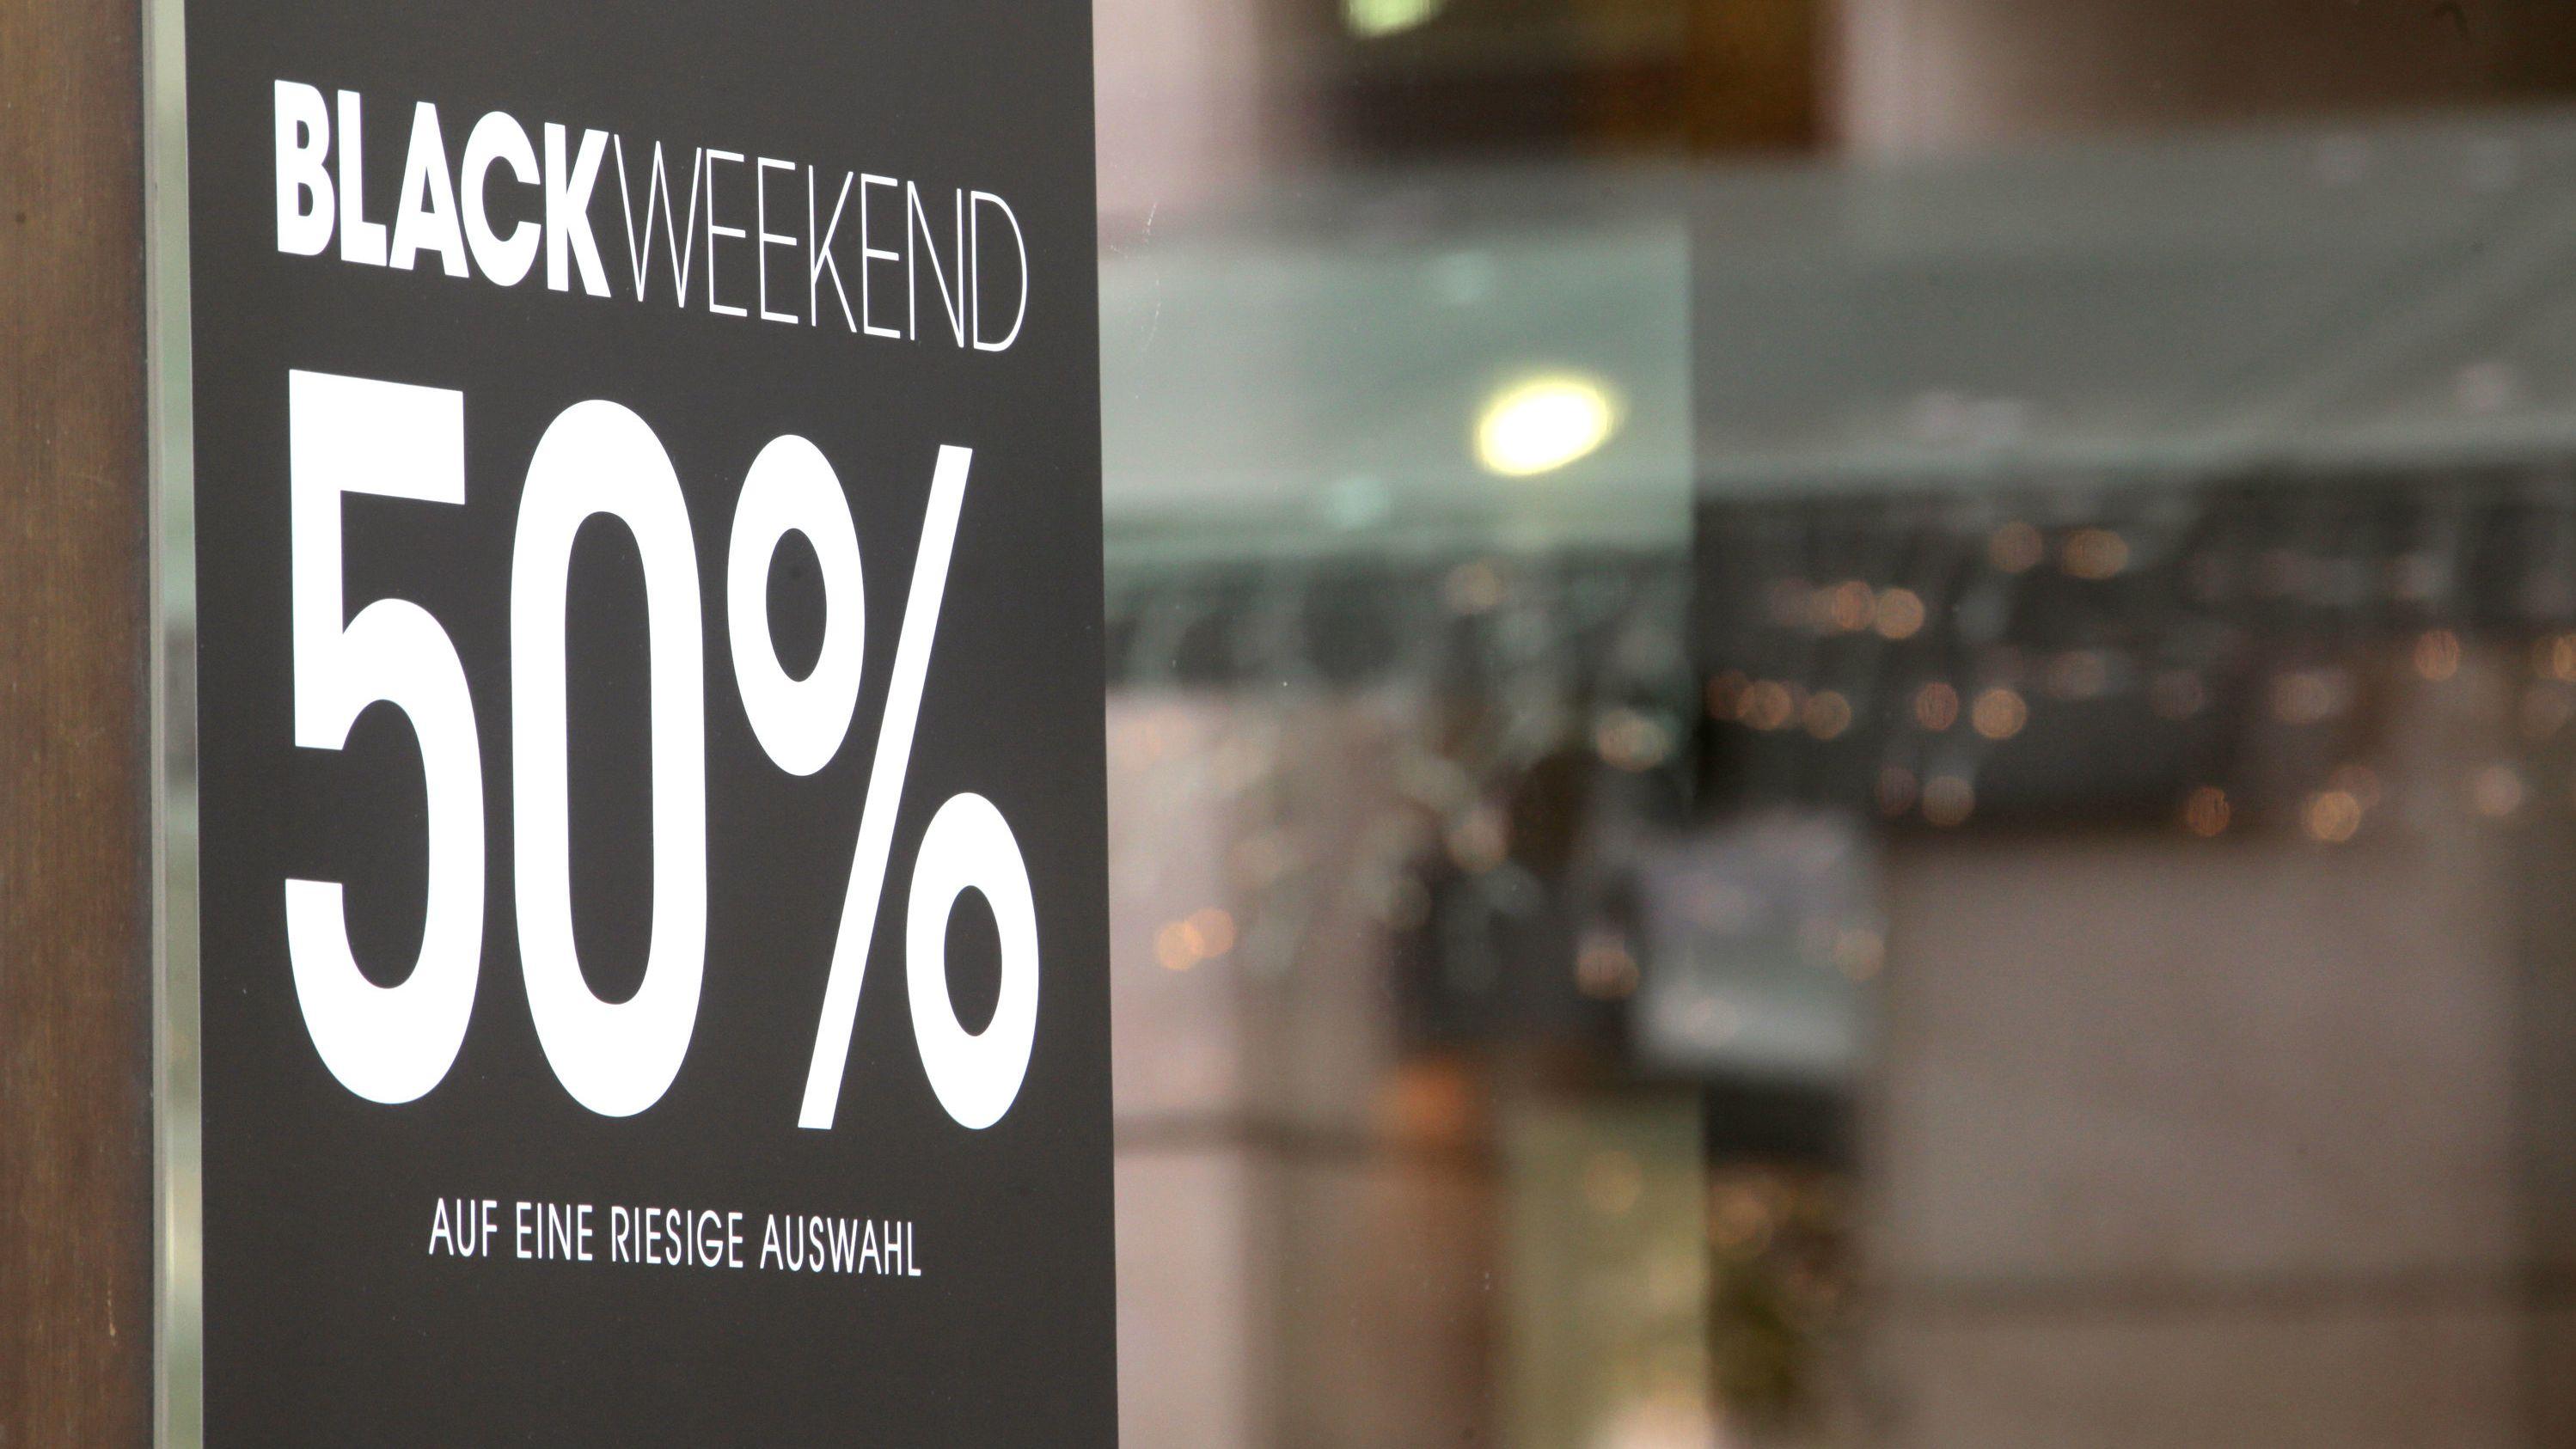 Im Schaufenster eines Geschäfts in der Münchner Innenstadt wird für eine 50-Prozent-Rabatt-Aktion am Black Weekend geworben